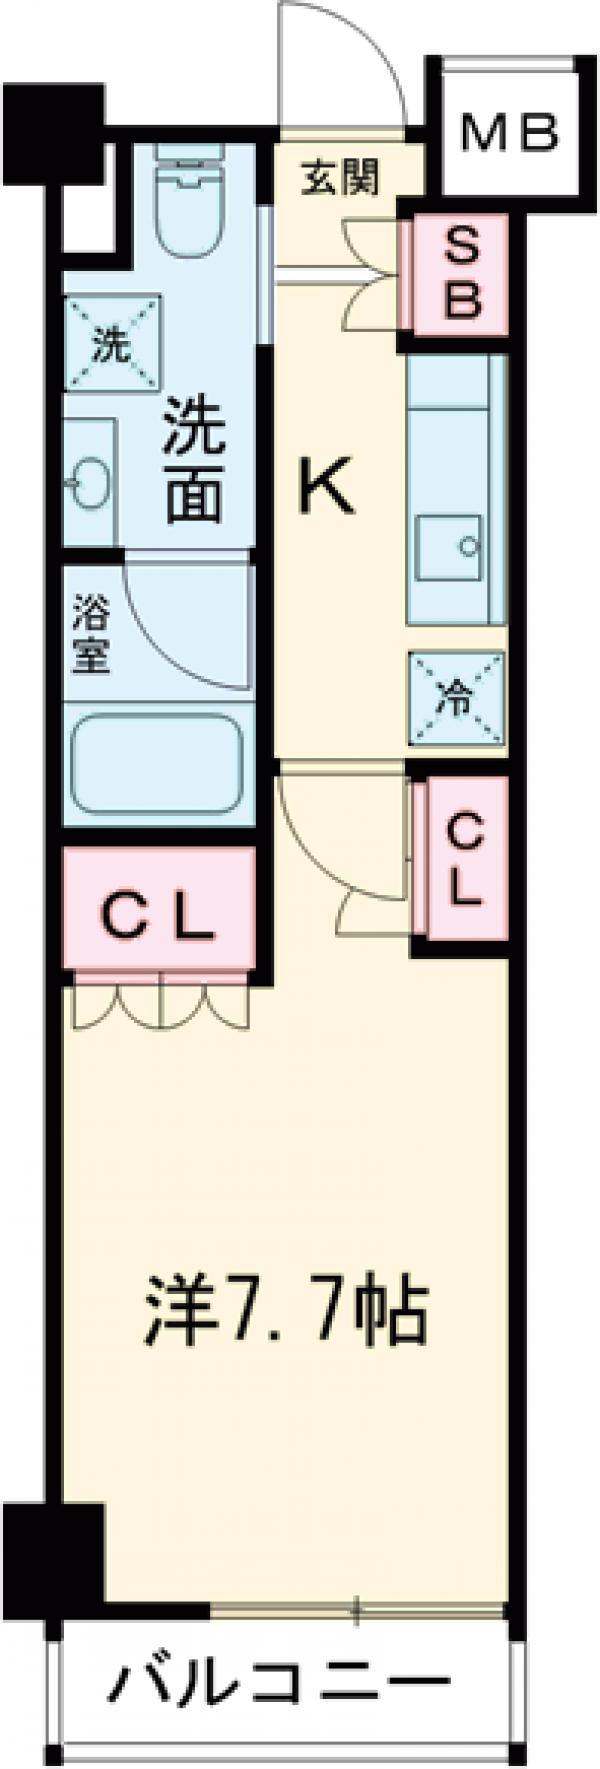 クレヴィスタ板橋西台Ⅱ・510号室の間取り